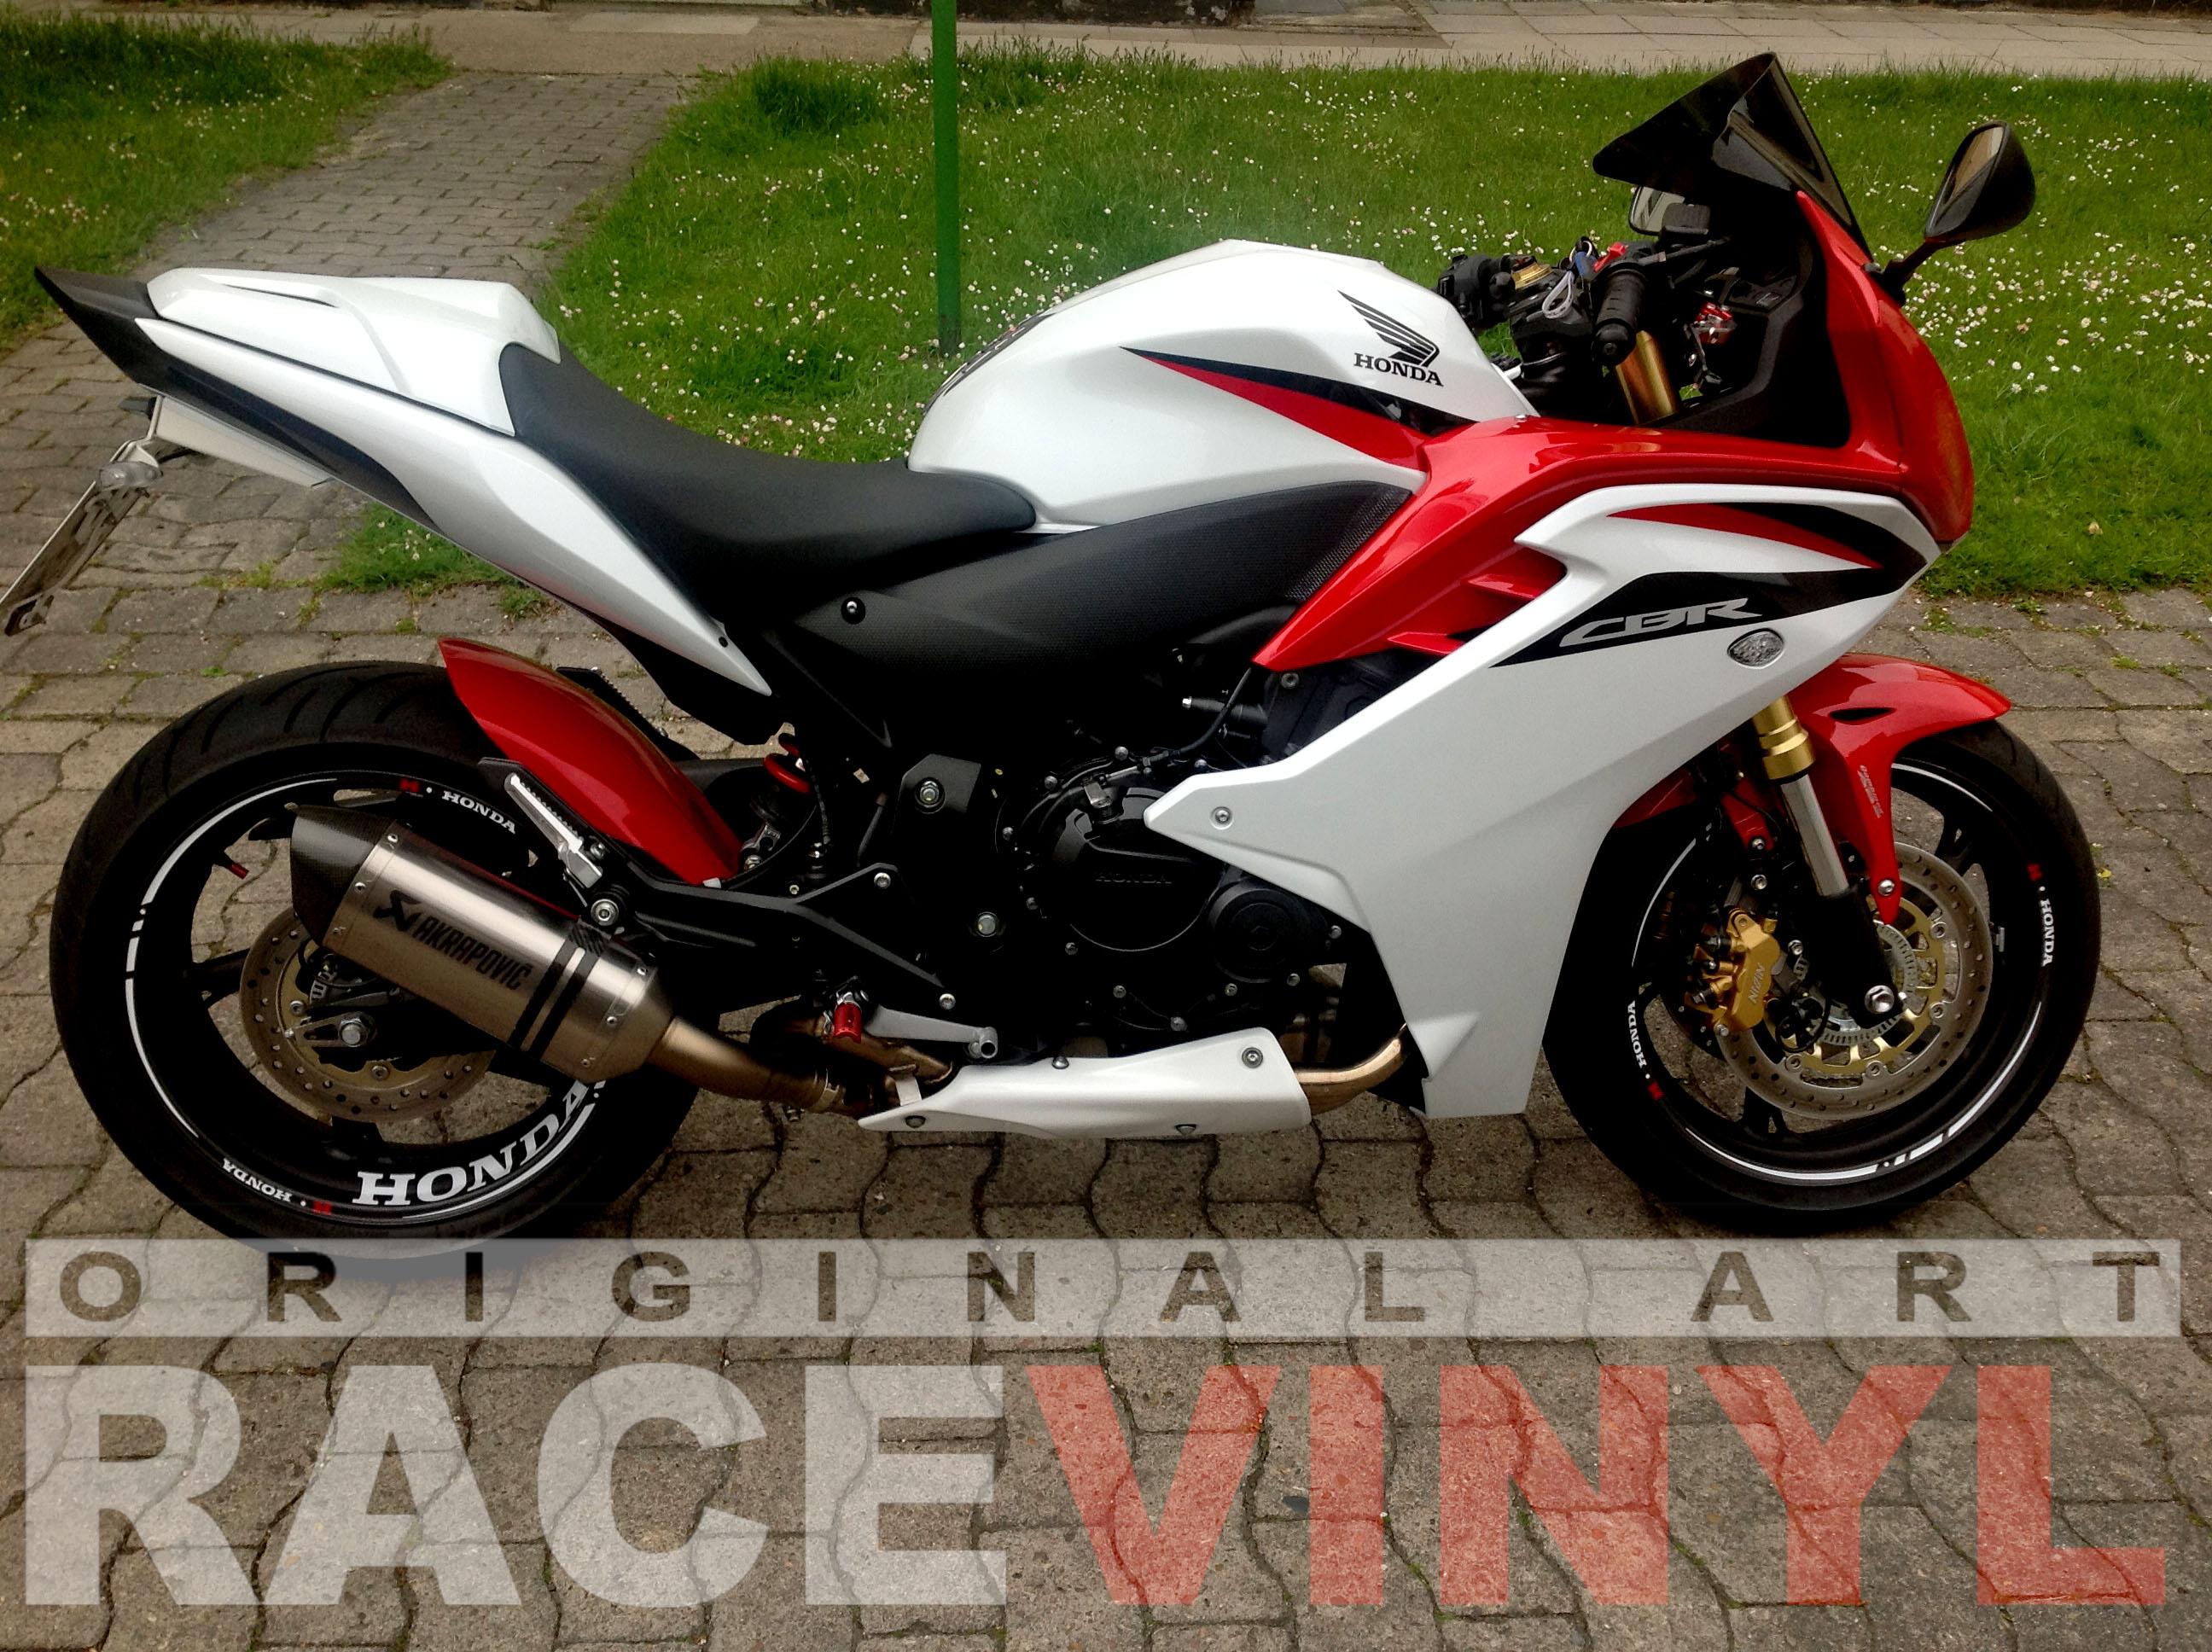 Vinilos para el perfil de las llantas de motos Honda CBR600F